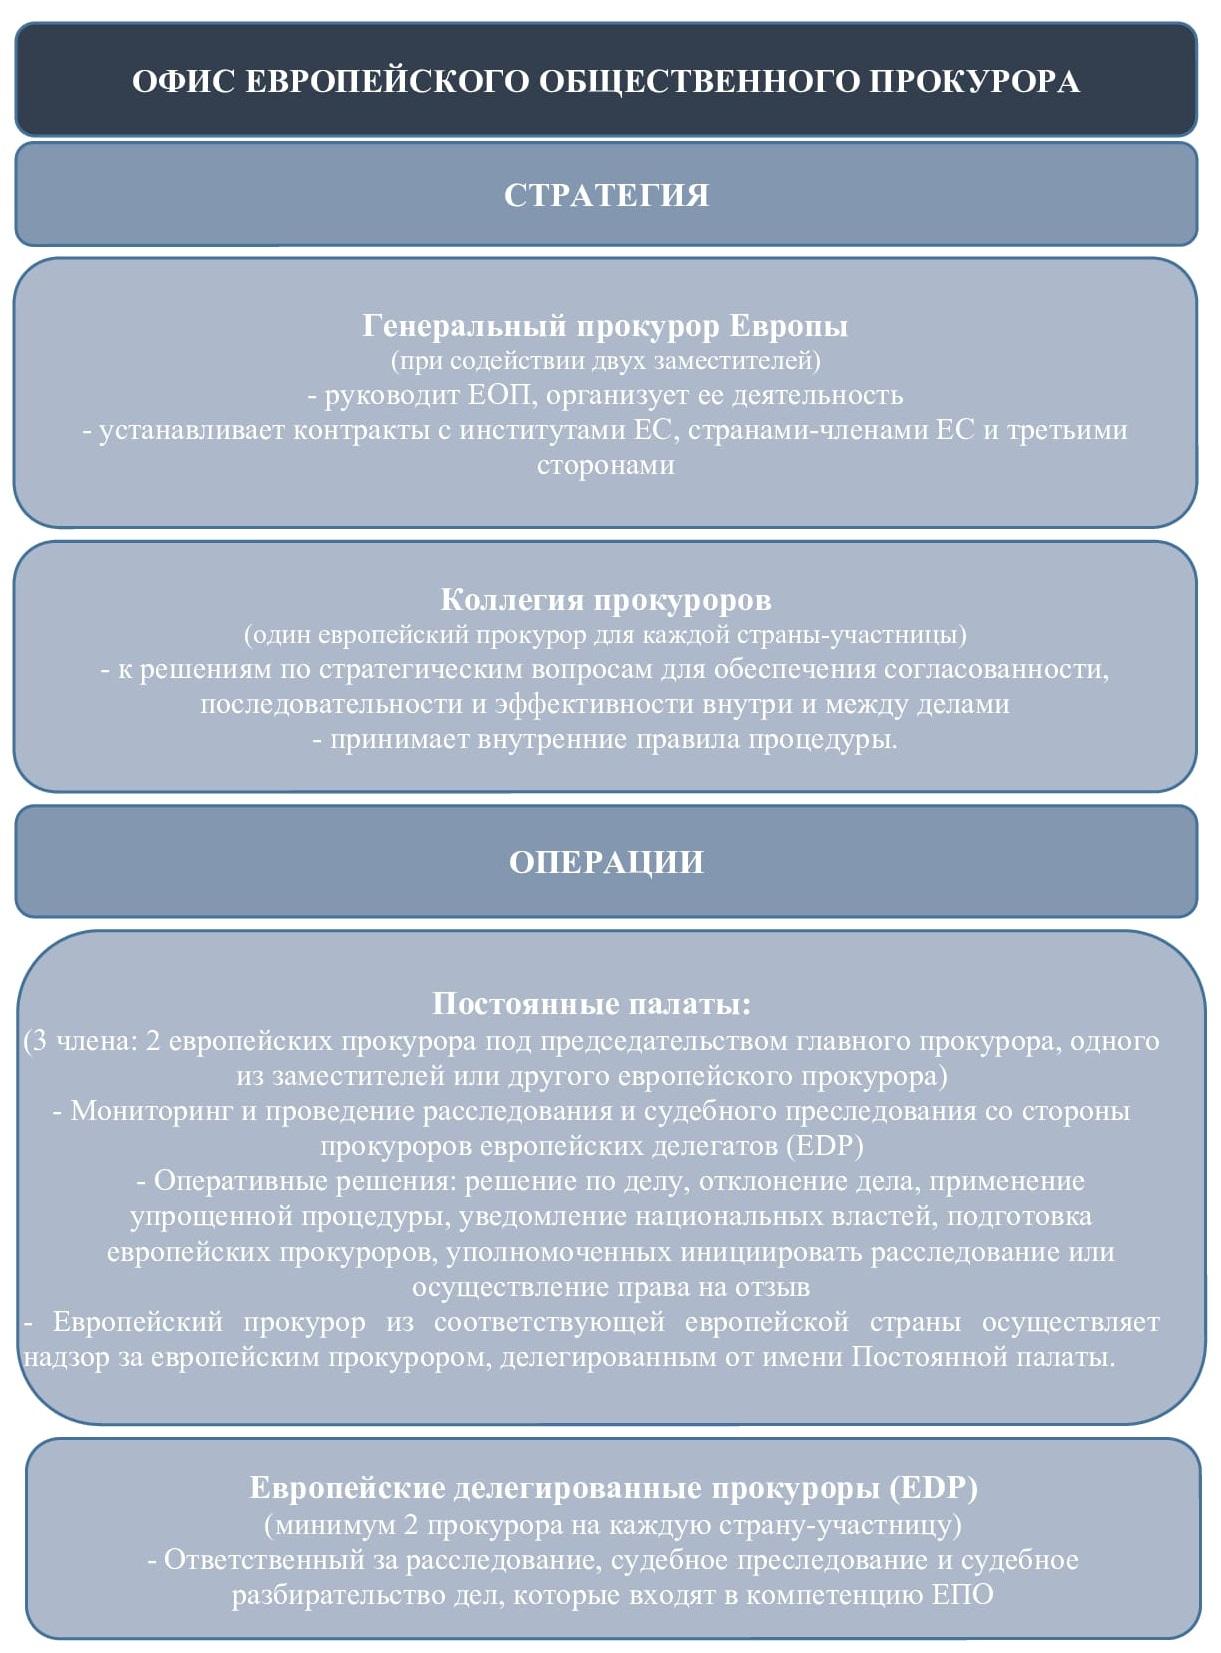 naznachenija-pervogo-evropejskogo-glavnogo-prokurora-grajdanstvo-es-serjmin1